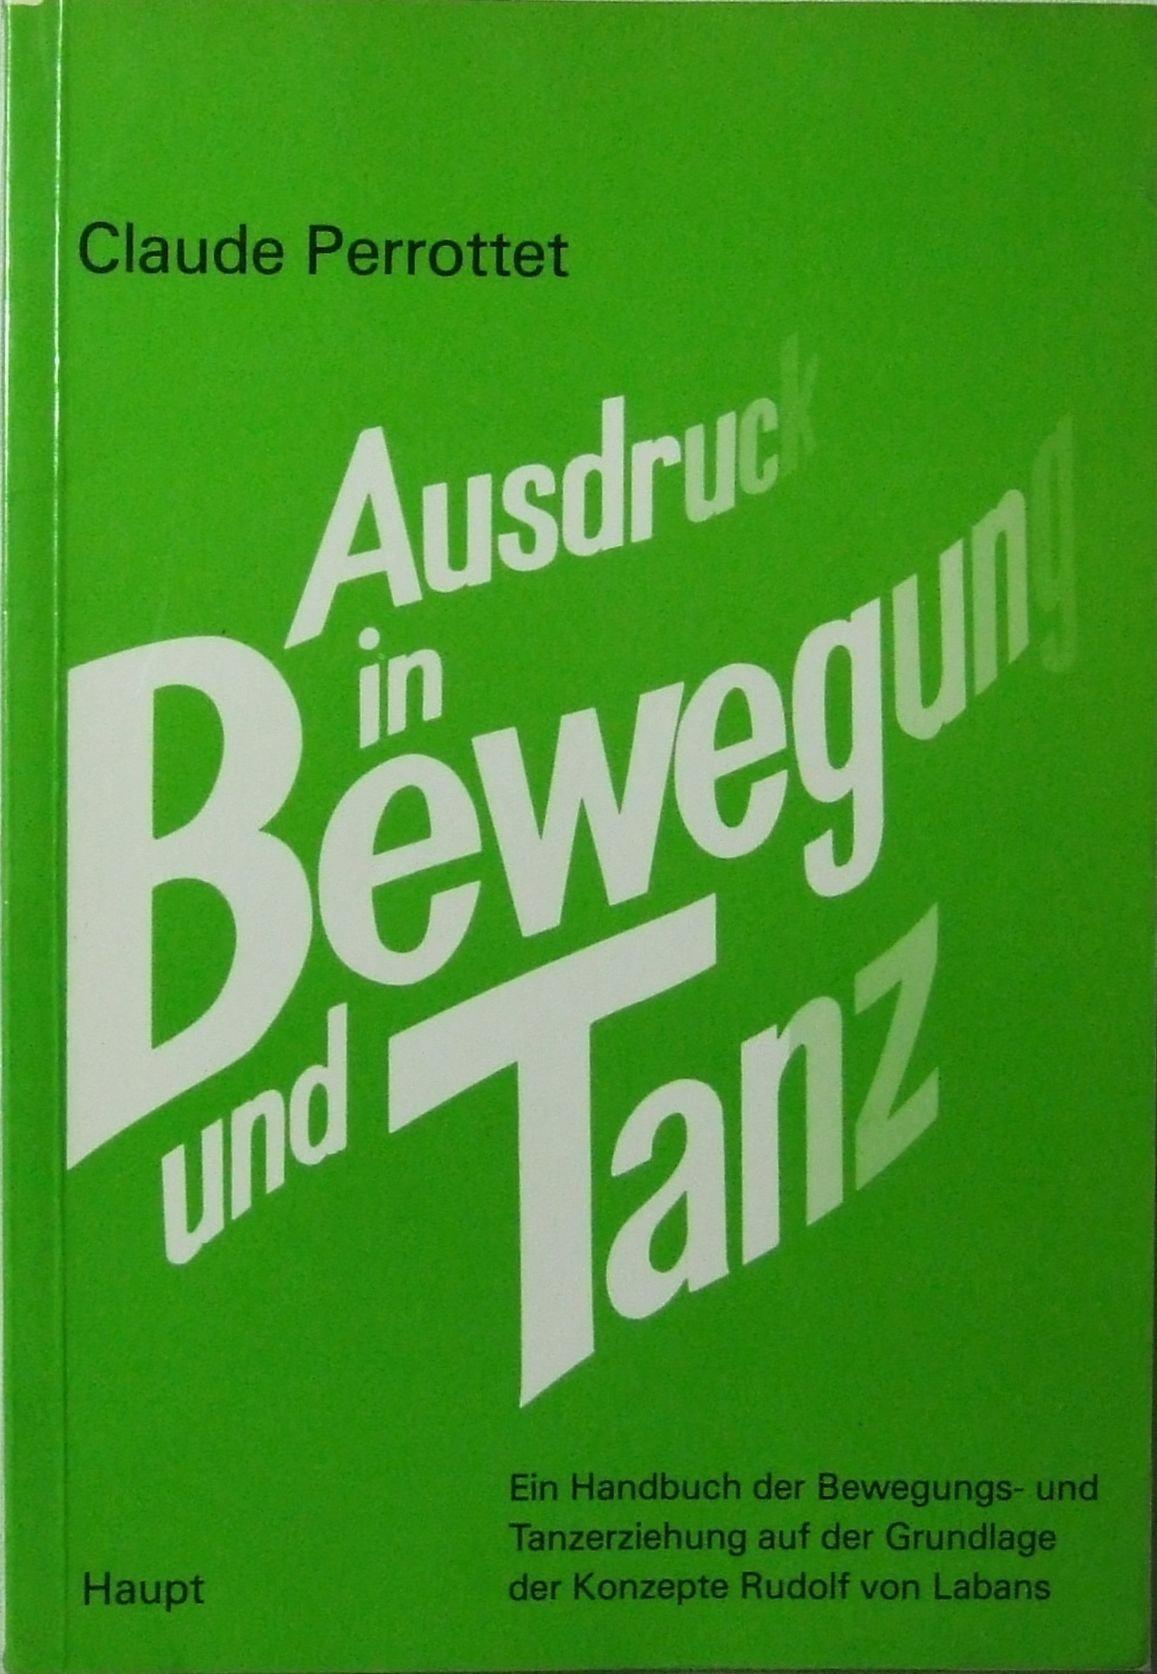 Ausdruck in Bewegung und Tanz: Ein Handbuch der Bewegung- und Tanzerziehung auf der Grundlage der Konzepte Rudolf von Labans (German Edition)